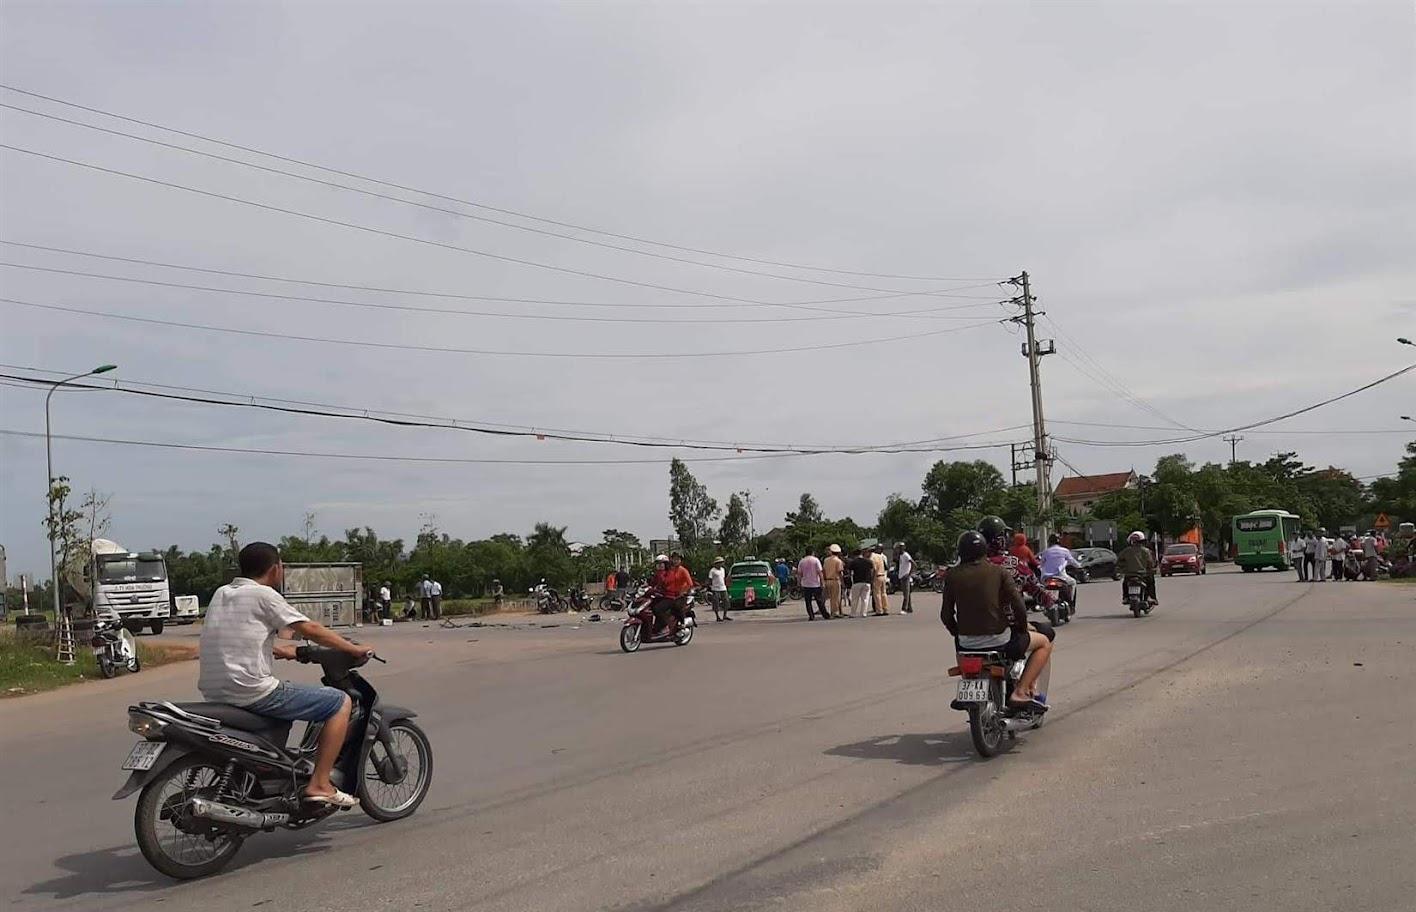 1 vụ tai nạn xảy ra tại khu vực đường Lê Viết Thuật giao với đường 35 m